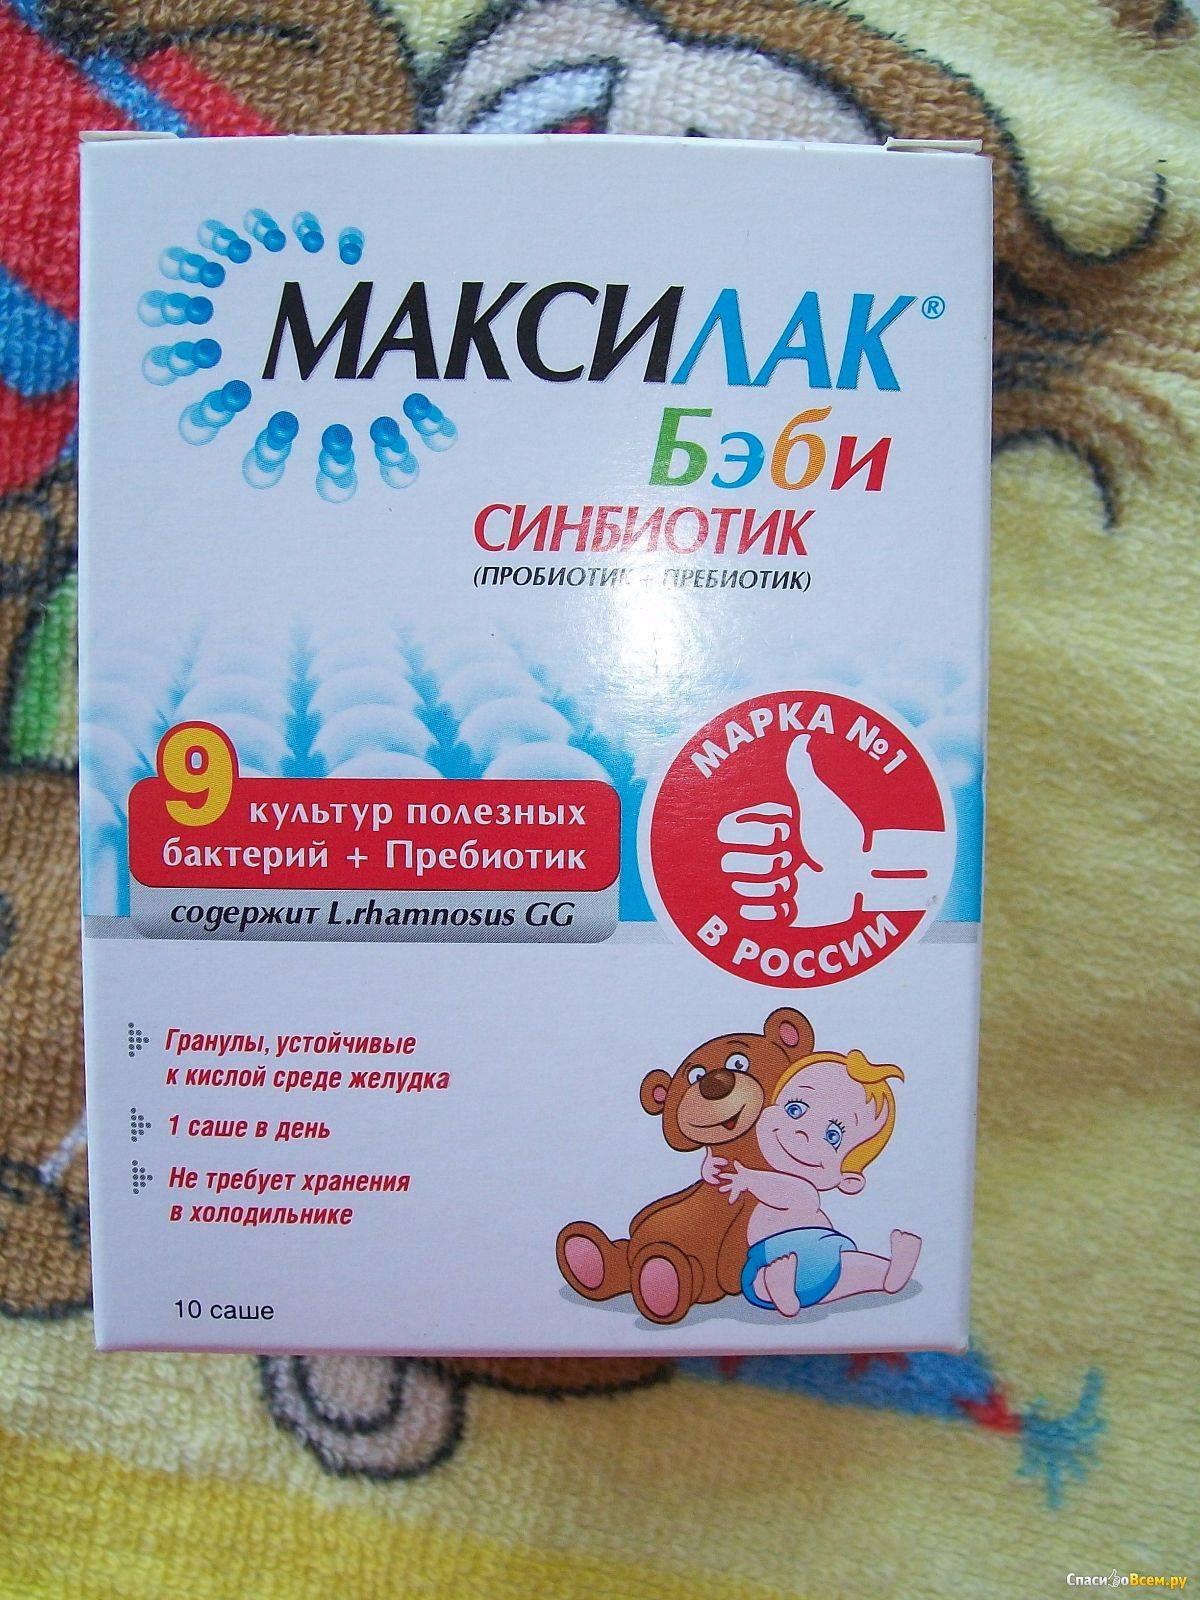 Максилак® бэби, синбиотик (пробиотик + пребиотик)